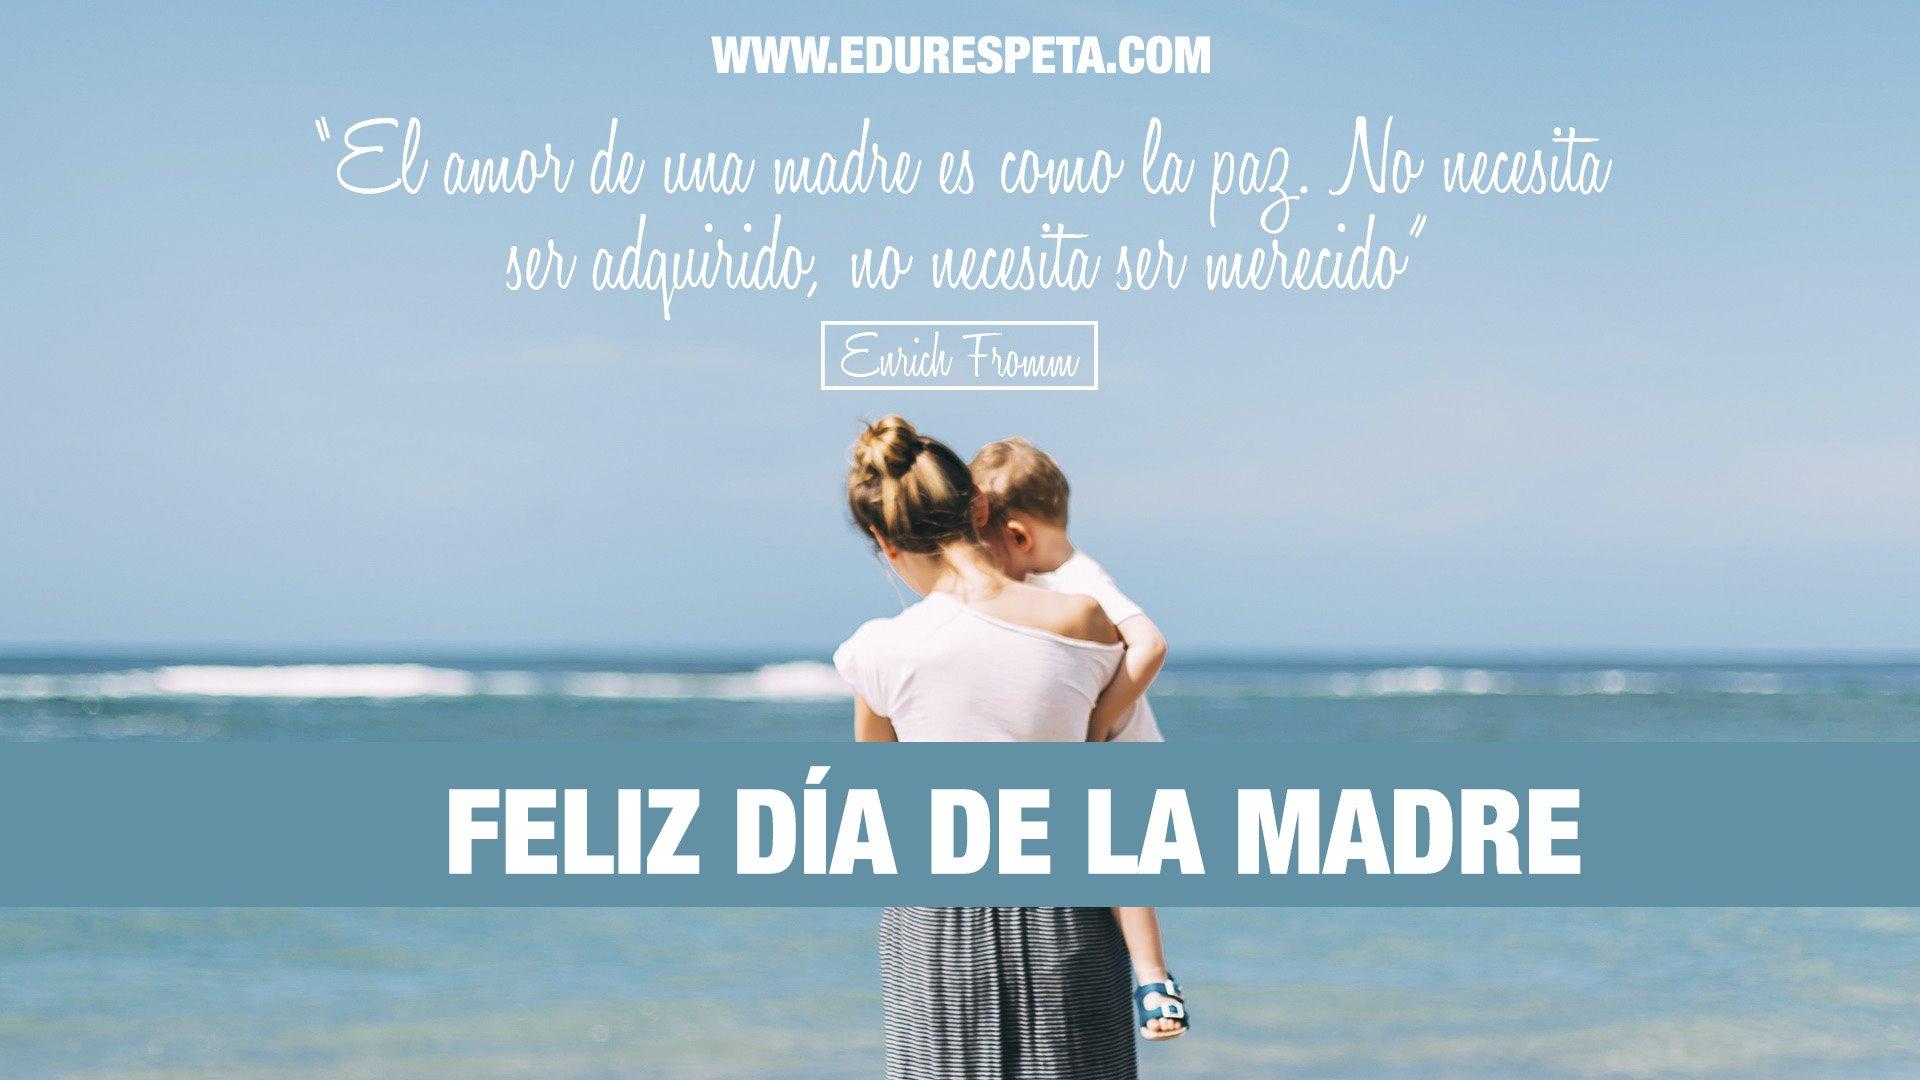 El amor de una madre es como la paz, no necesita ser adquirido, no necesita ser merecido